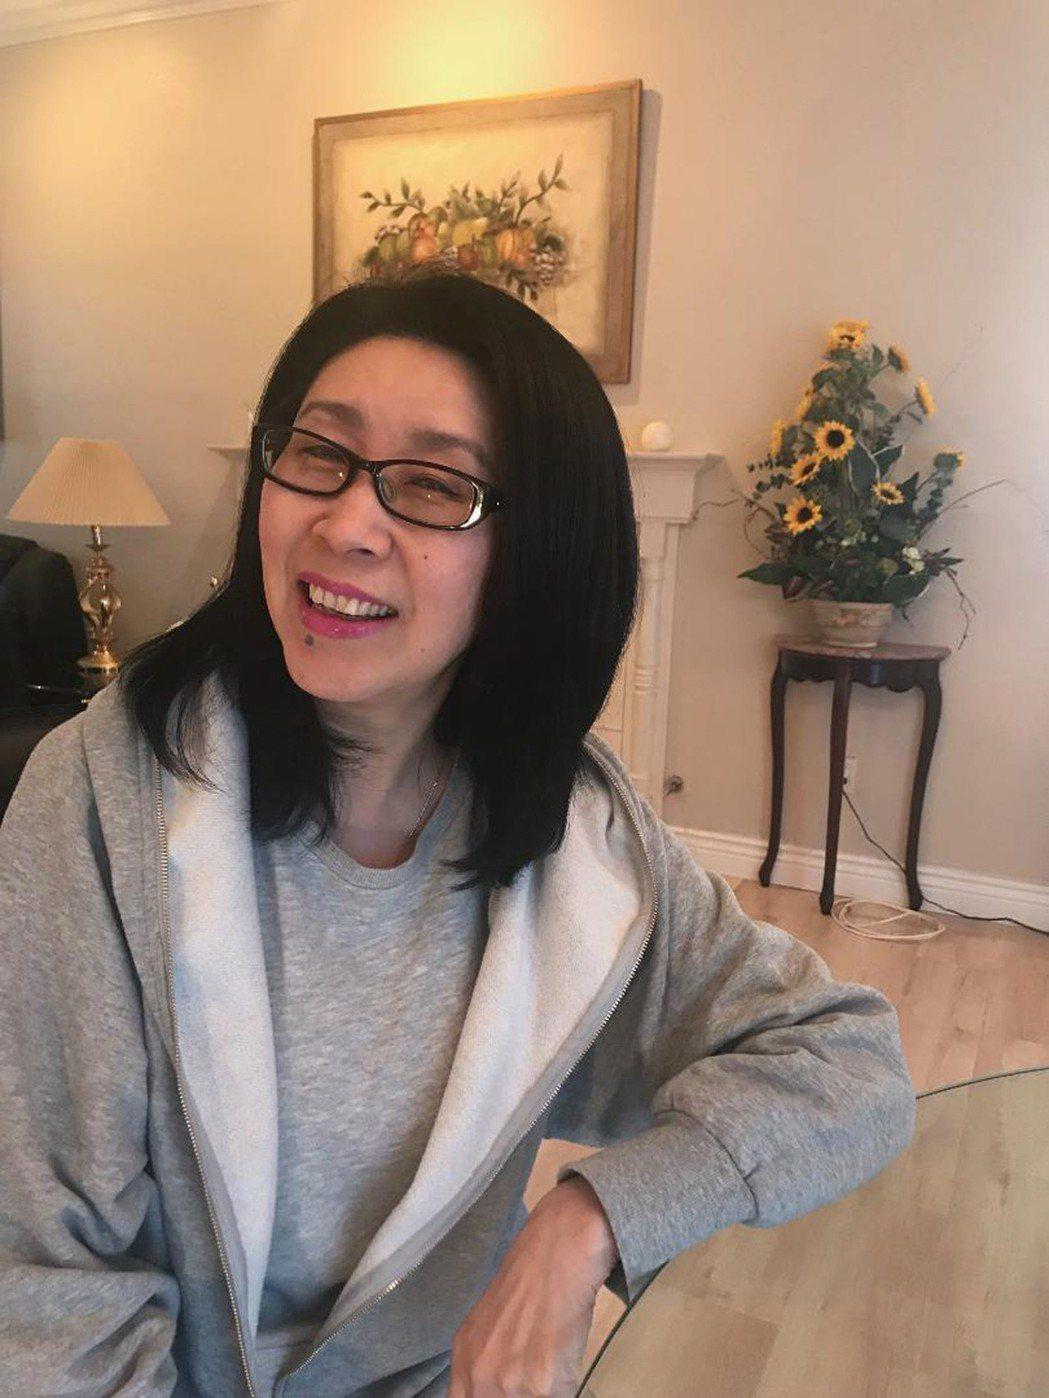 當年以一首「葡萄成熟時」紅遍東南亞的「瞇瞇眼歌后」陳蘭麗1月底將於矽谷開唱。完成